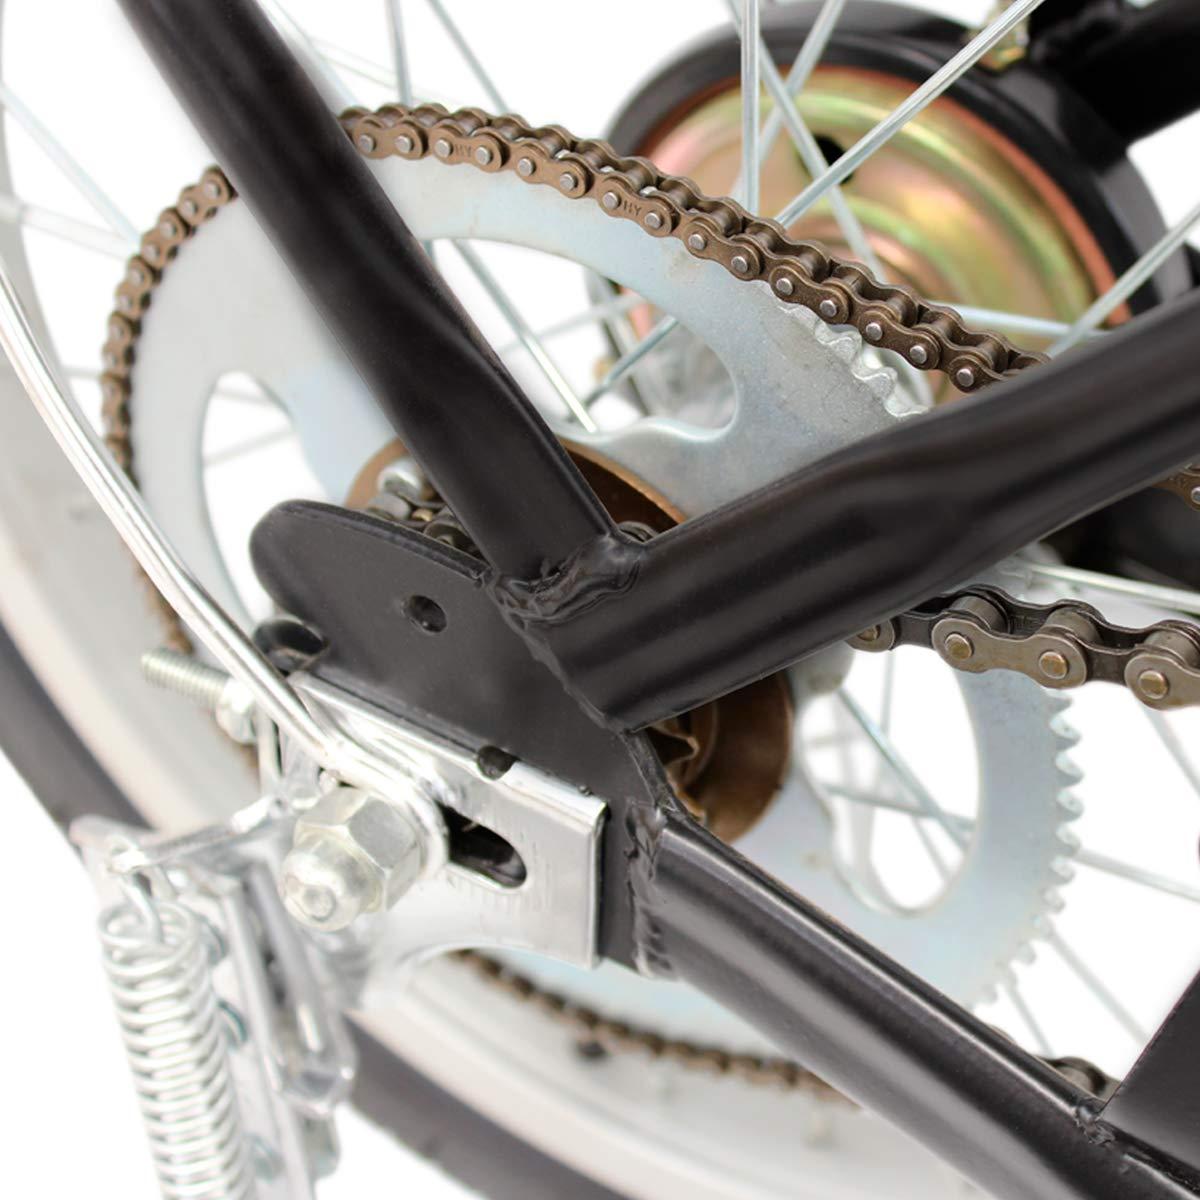 Riscko Bicicleta Eléctrica Plegable 250W de Potencia 25 km/h luz Delantera Acero Lacado con Ruedas de 16 Pulgadas (Gris): Amazon.es: Deportes y aire libre